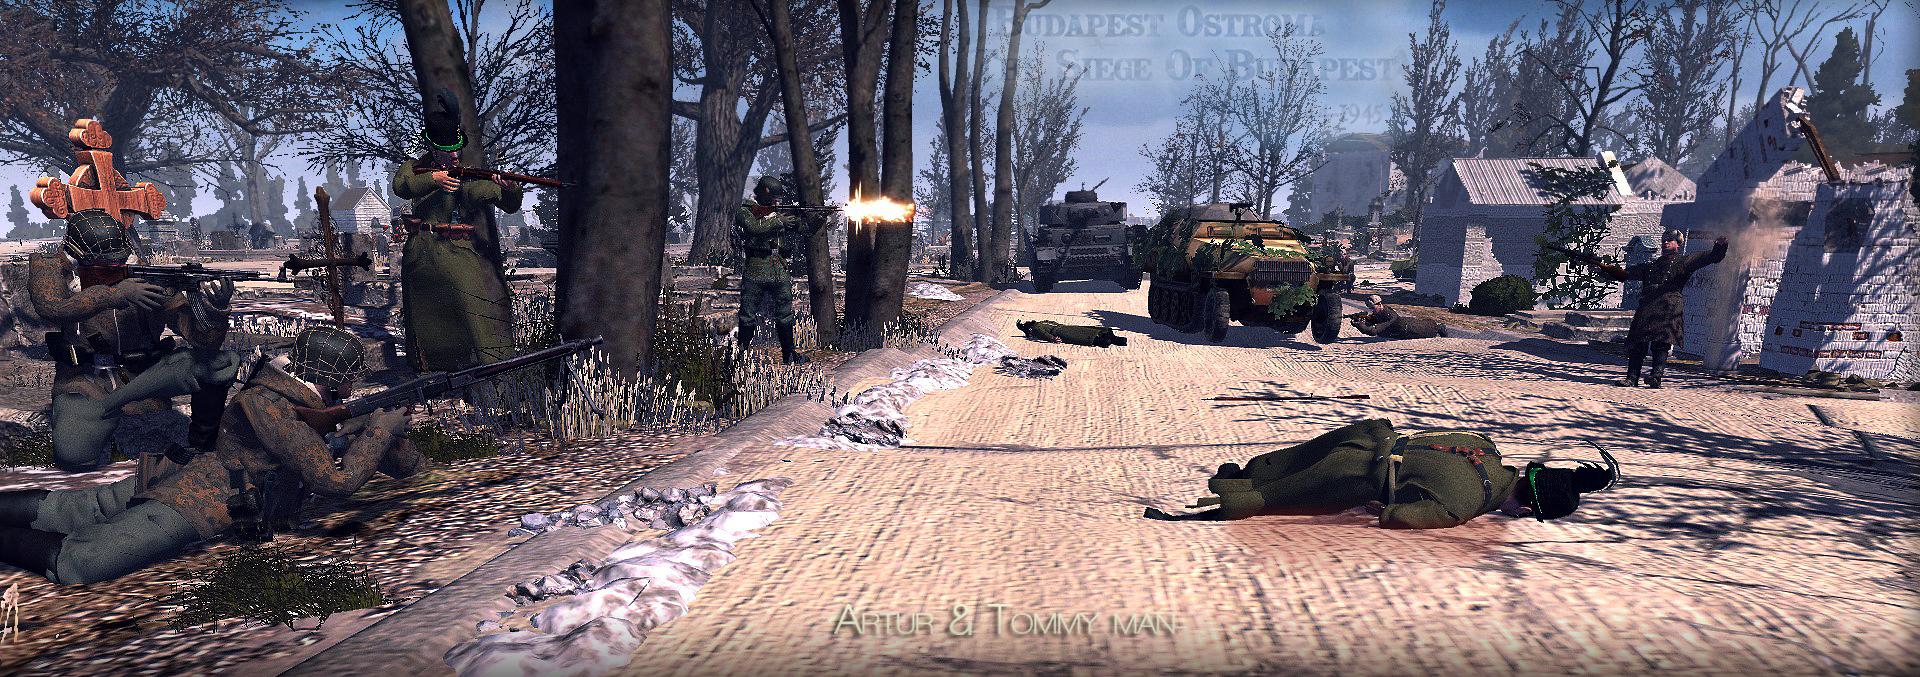 Harc a Farkasréti Temetőben,Budapest ostroma jatek,